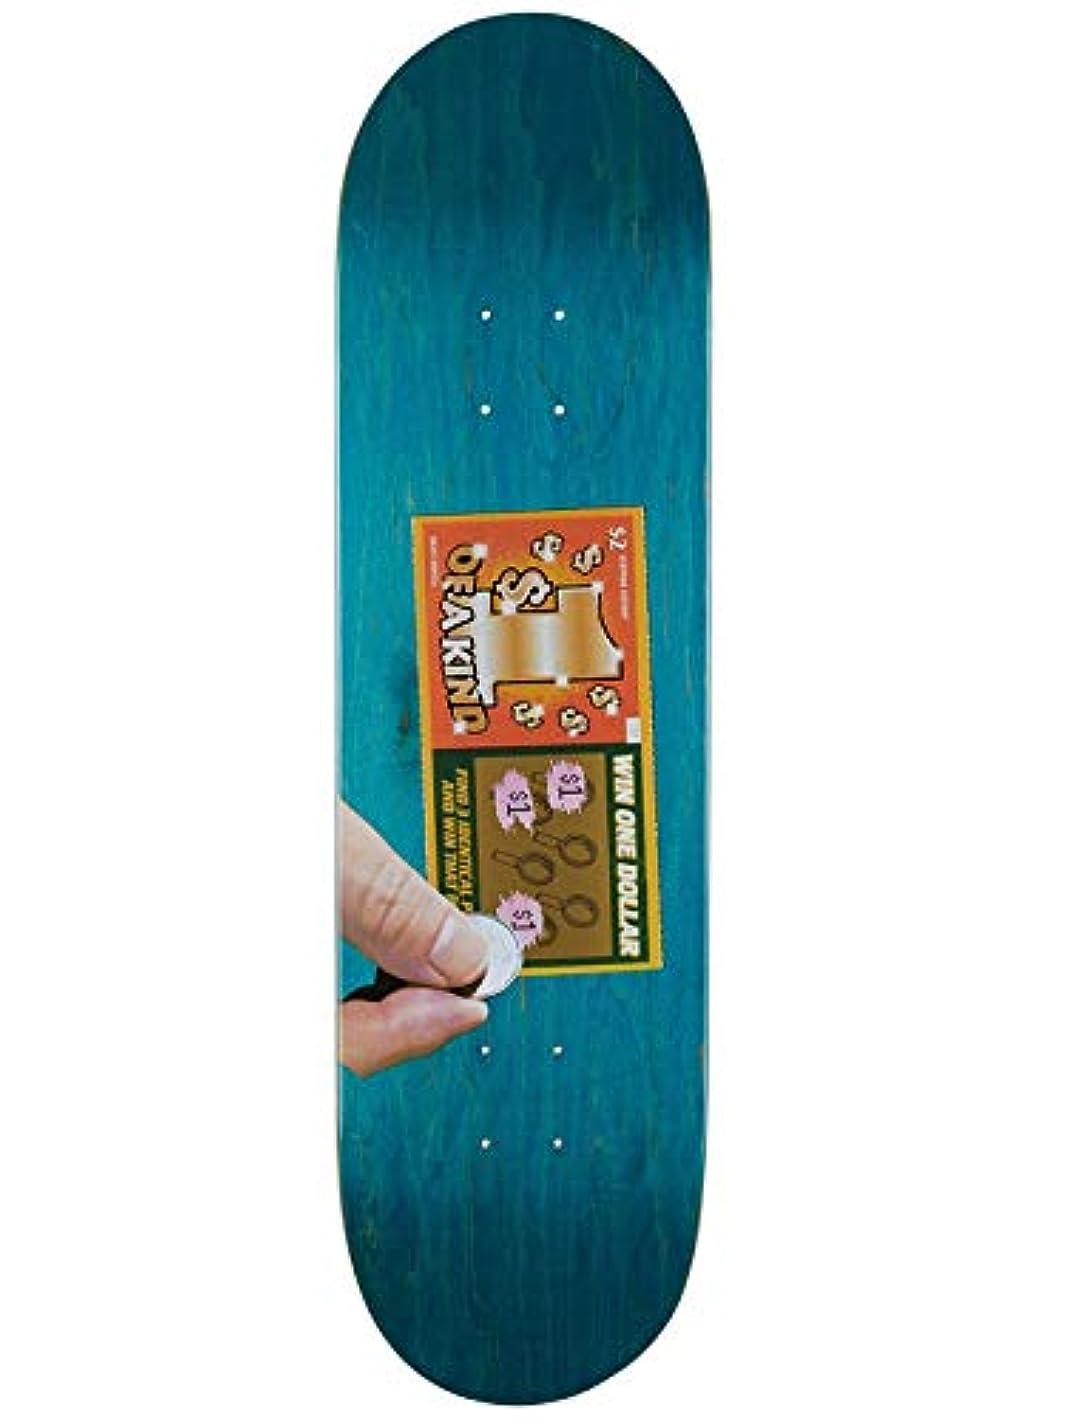 遺棄された逆に虫を数えるSkate Mental Green Kleppan Scratcher スケートボードデッキ 8.375インチ (デフォルト、グリーン)